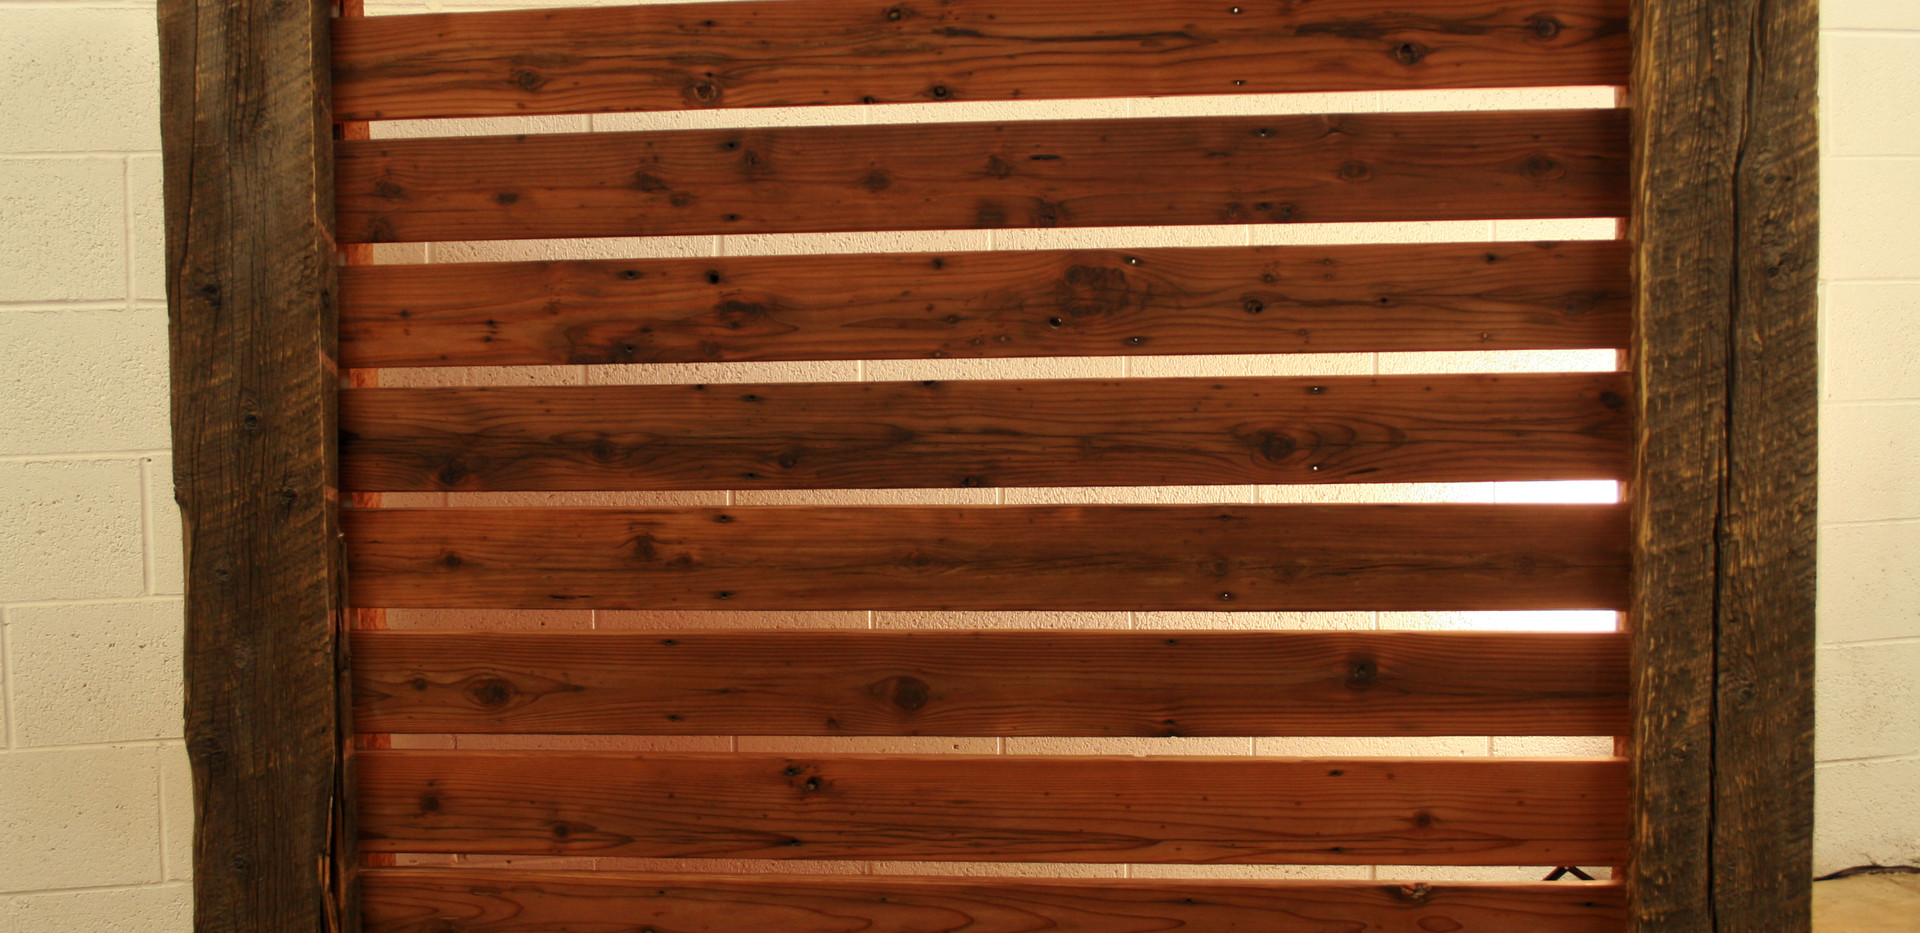 Barn Wood & Redwood Headboard